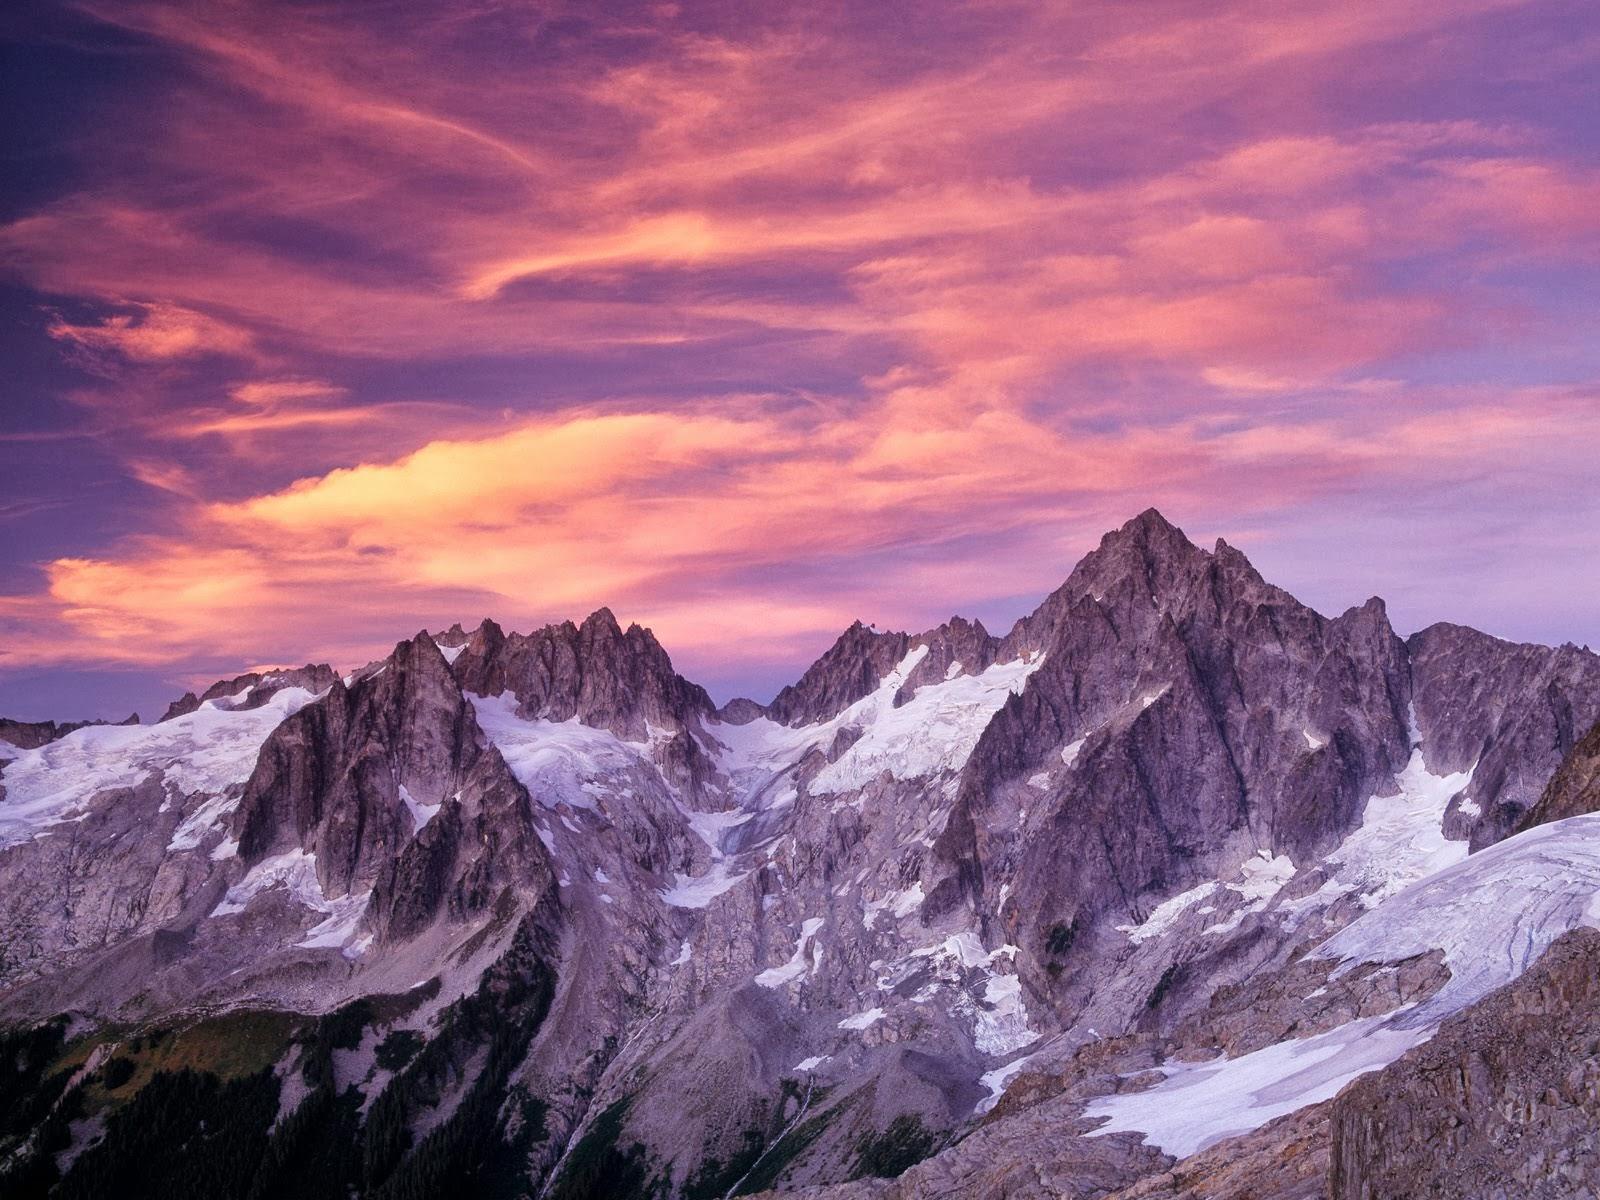 Fondo De Montañas Nevadas En Hd: Descarga Fondos HD: Fondo De Pantalla